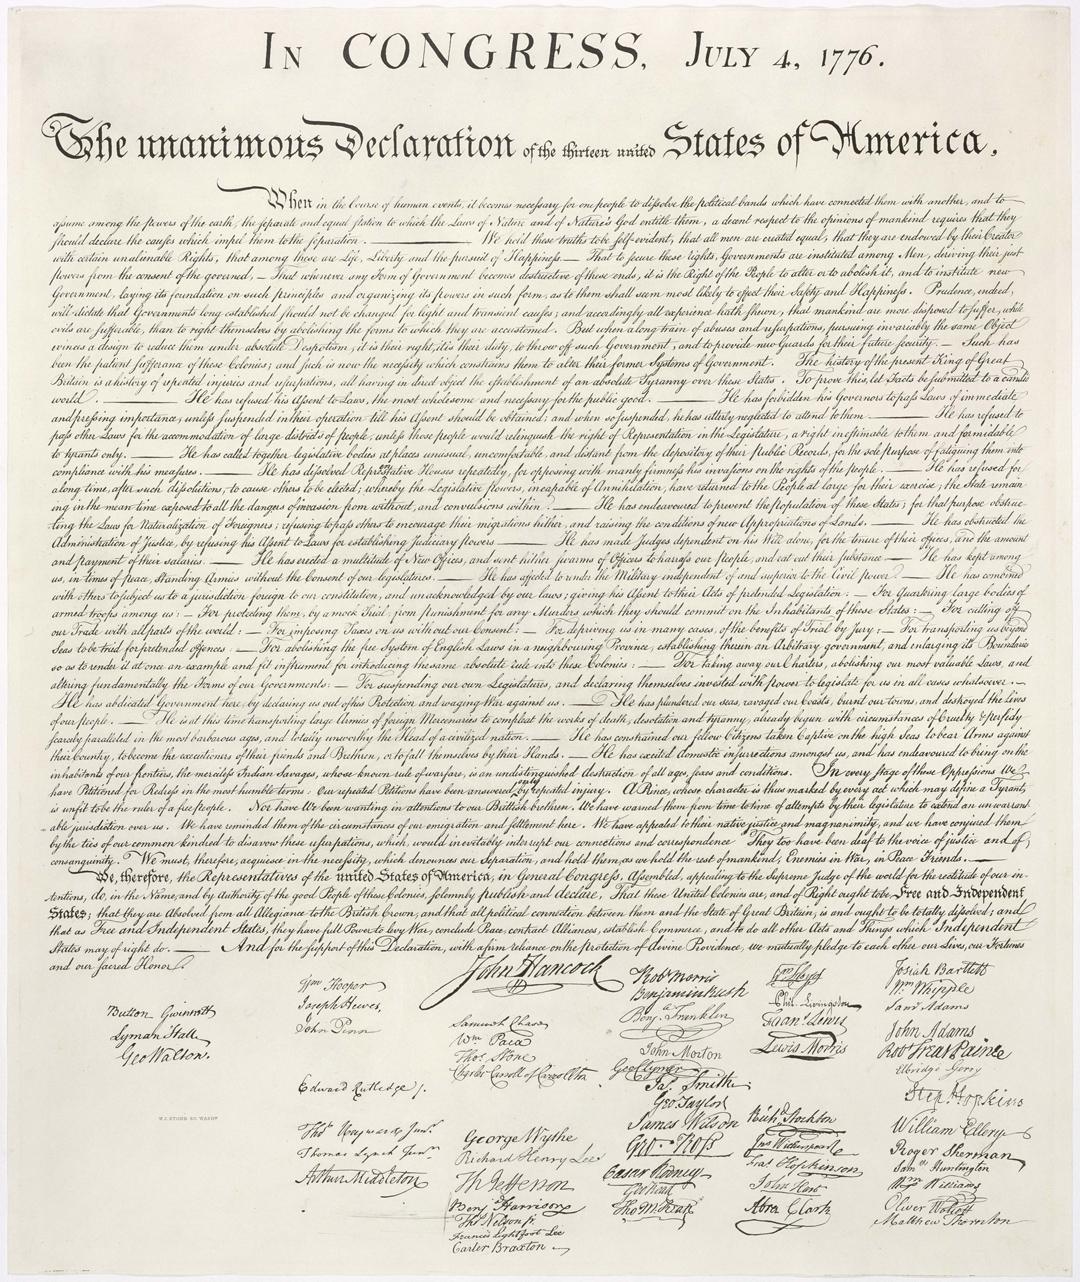 Amerikaanse Onafhankelijkheidsverklaring (1776) - Bron: https://nl.wikipedia.org